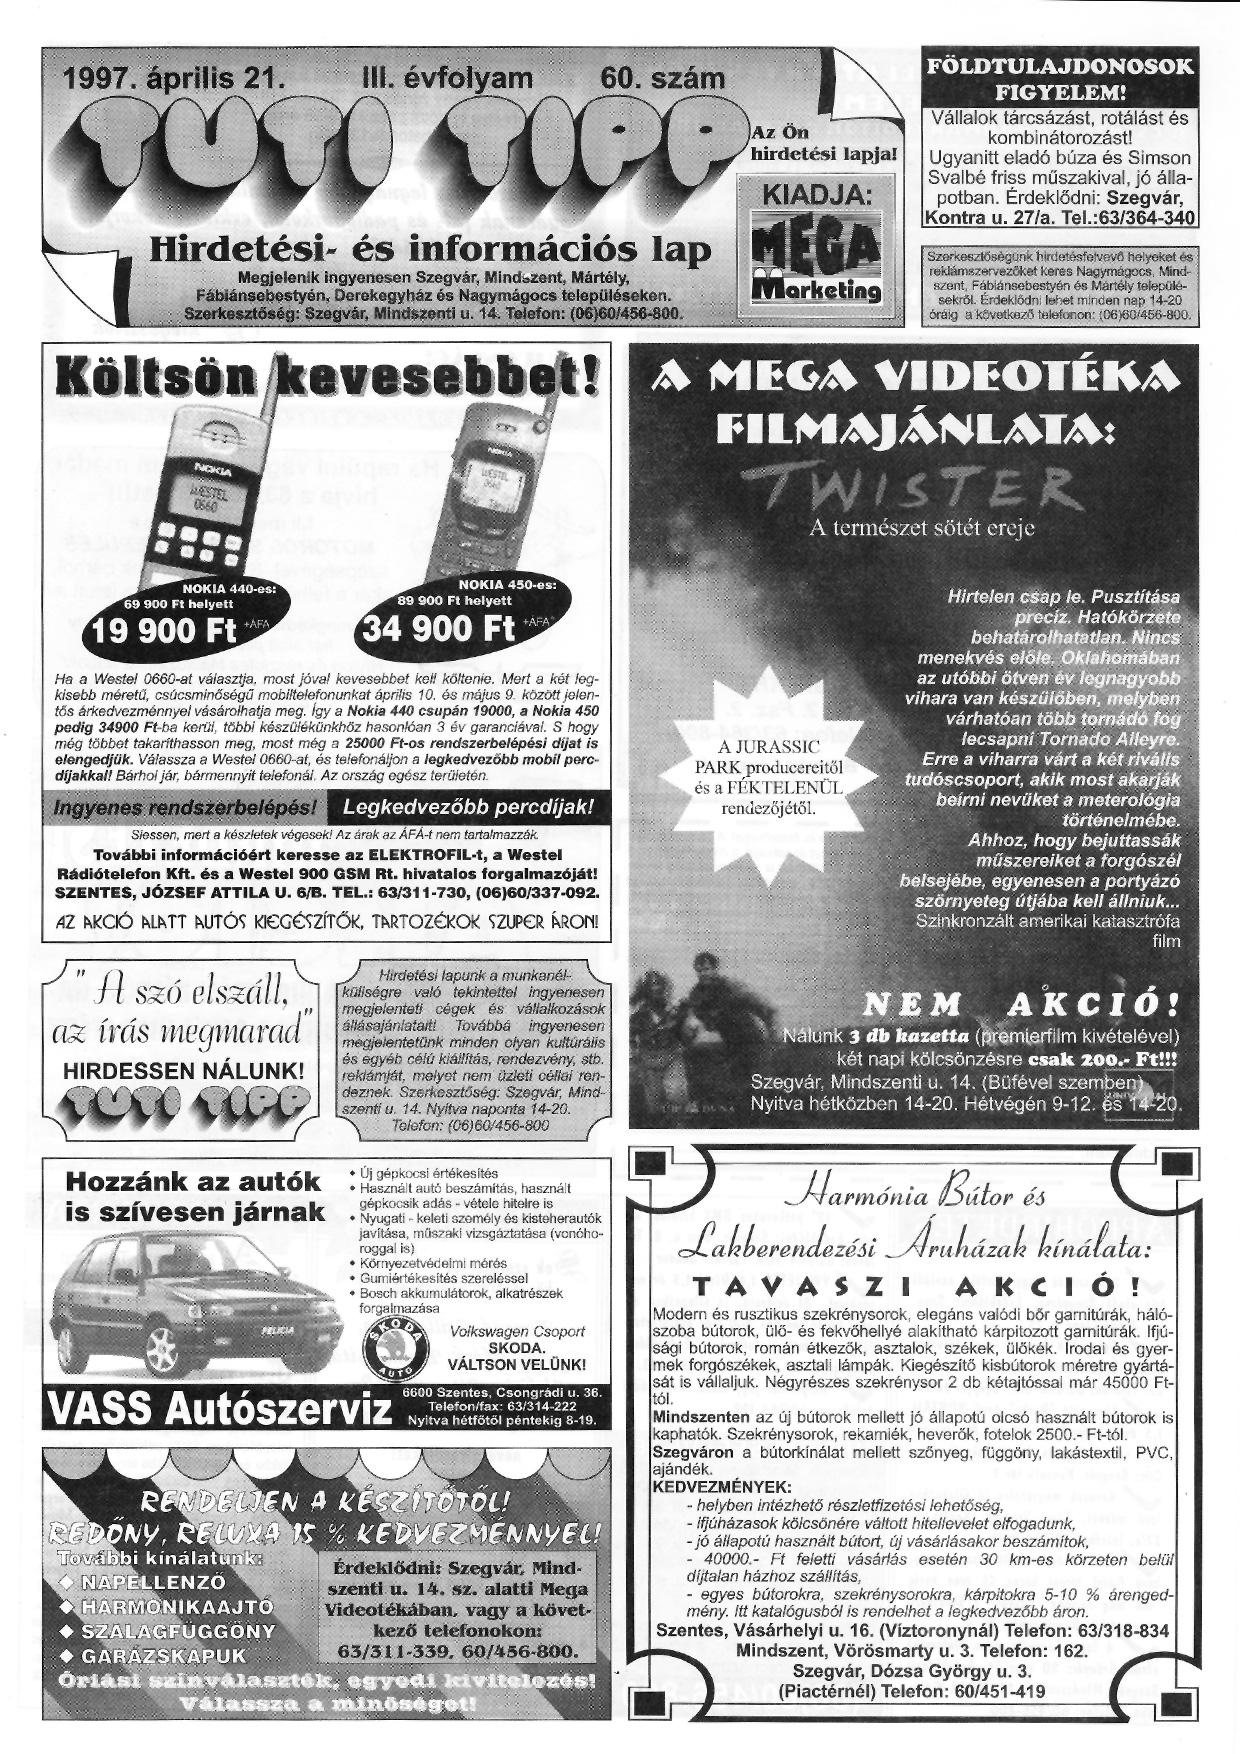 013 Tuti Tipp reklámújság - 19970421-060. lapszám - 1.oldal - III. évfolyam.jpg